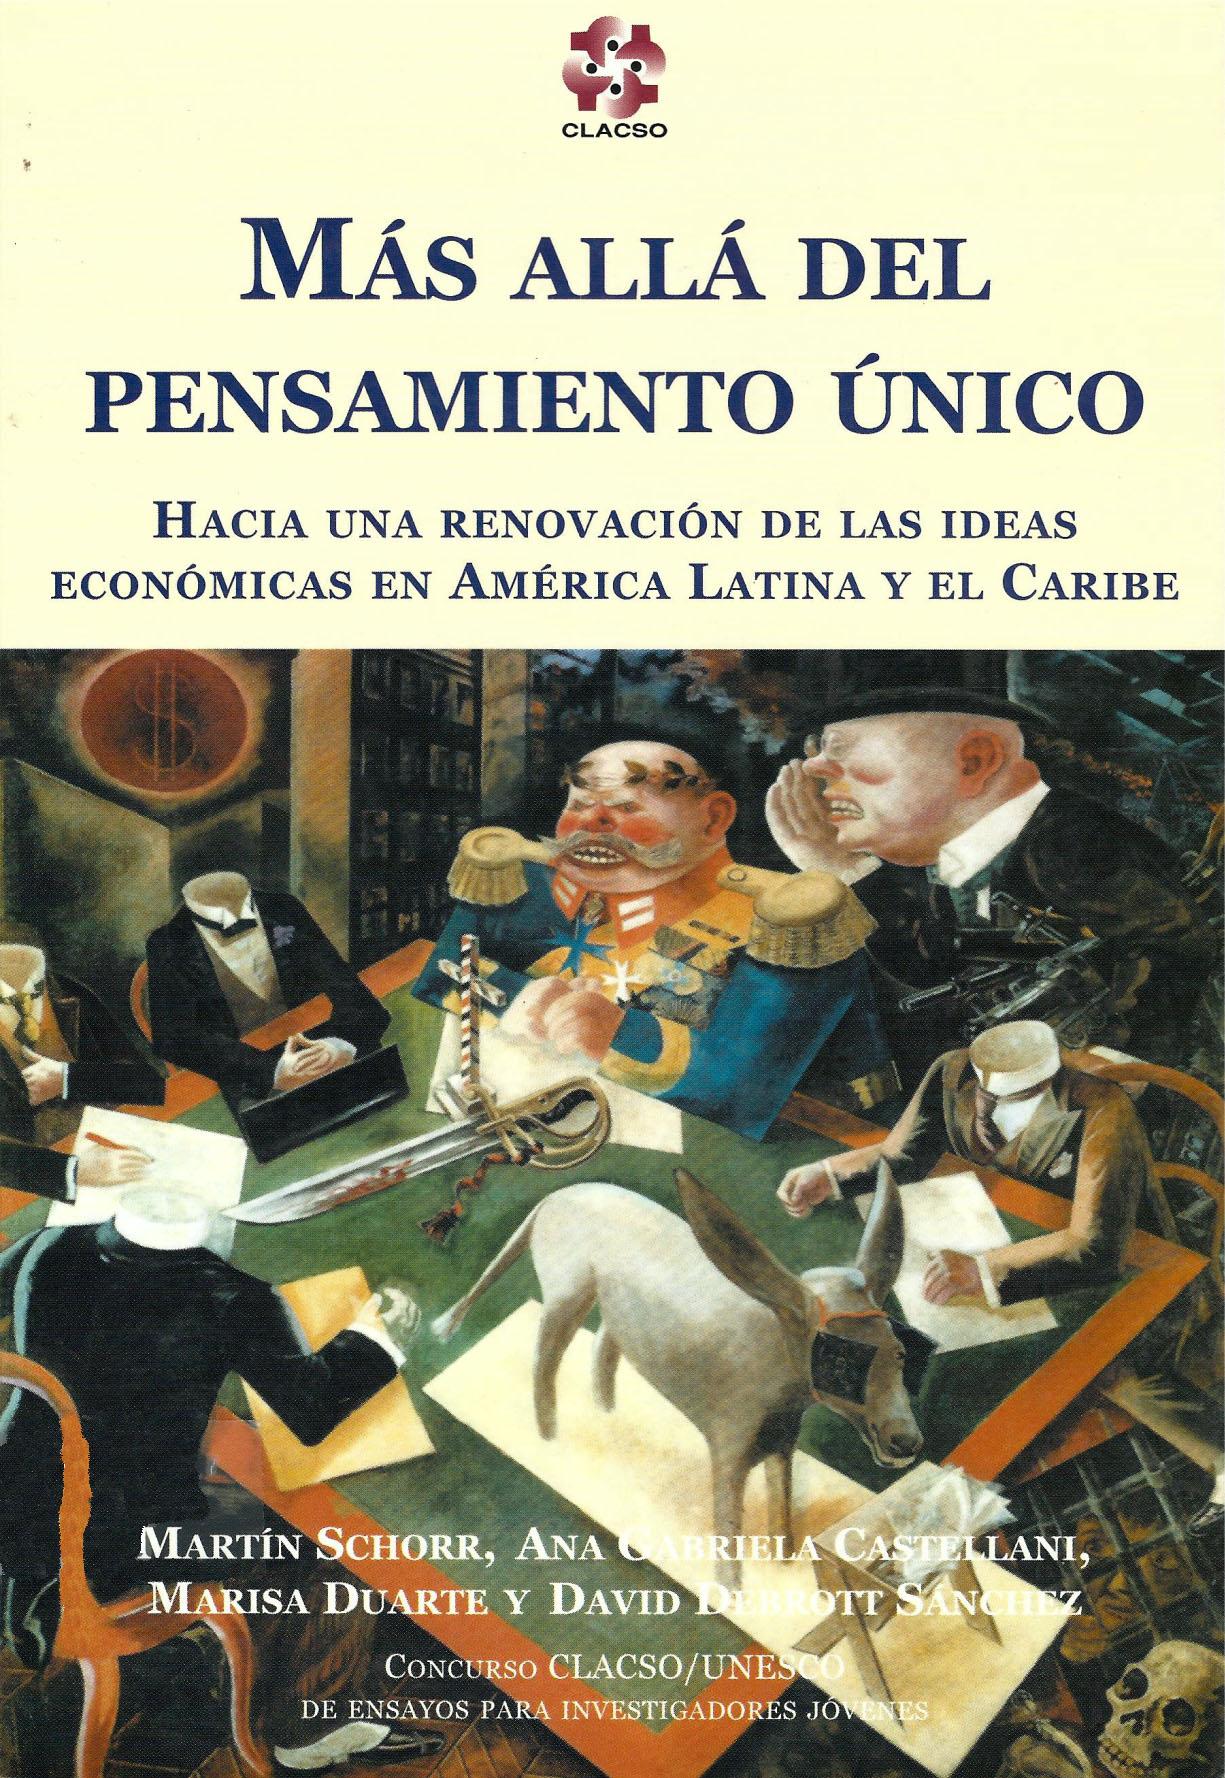 Más allá del pensamiento único. Hacia una renovación de las ideas económicas en América Latina y el Caribe.